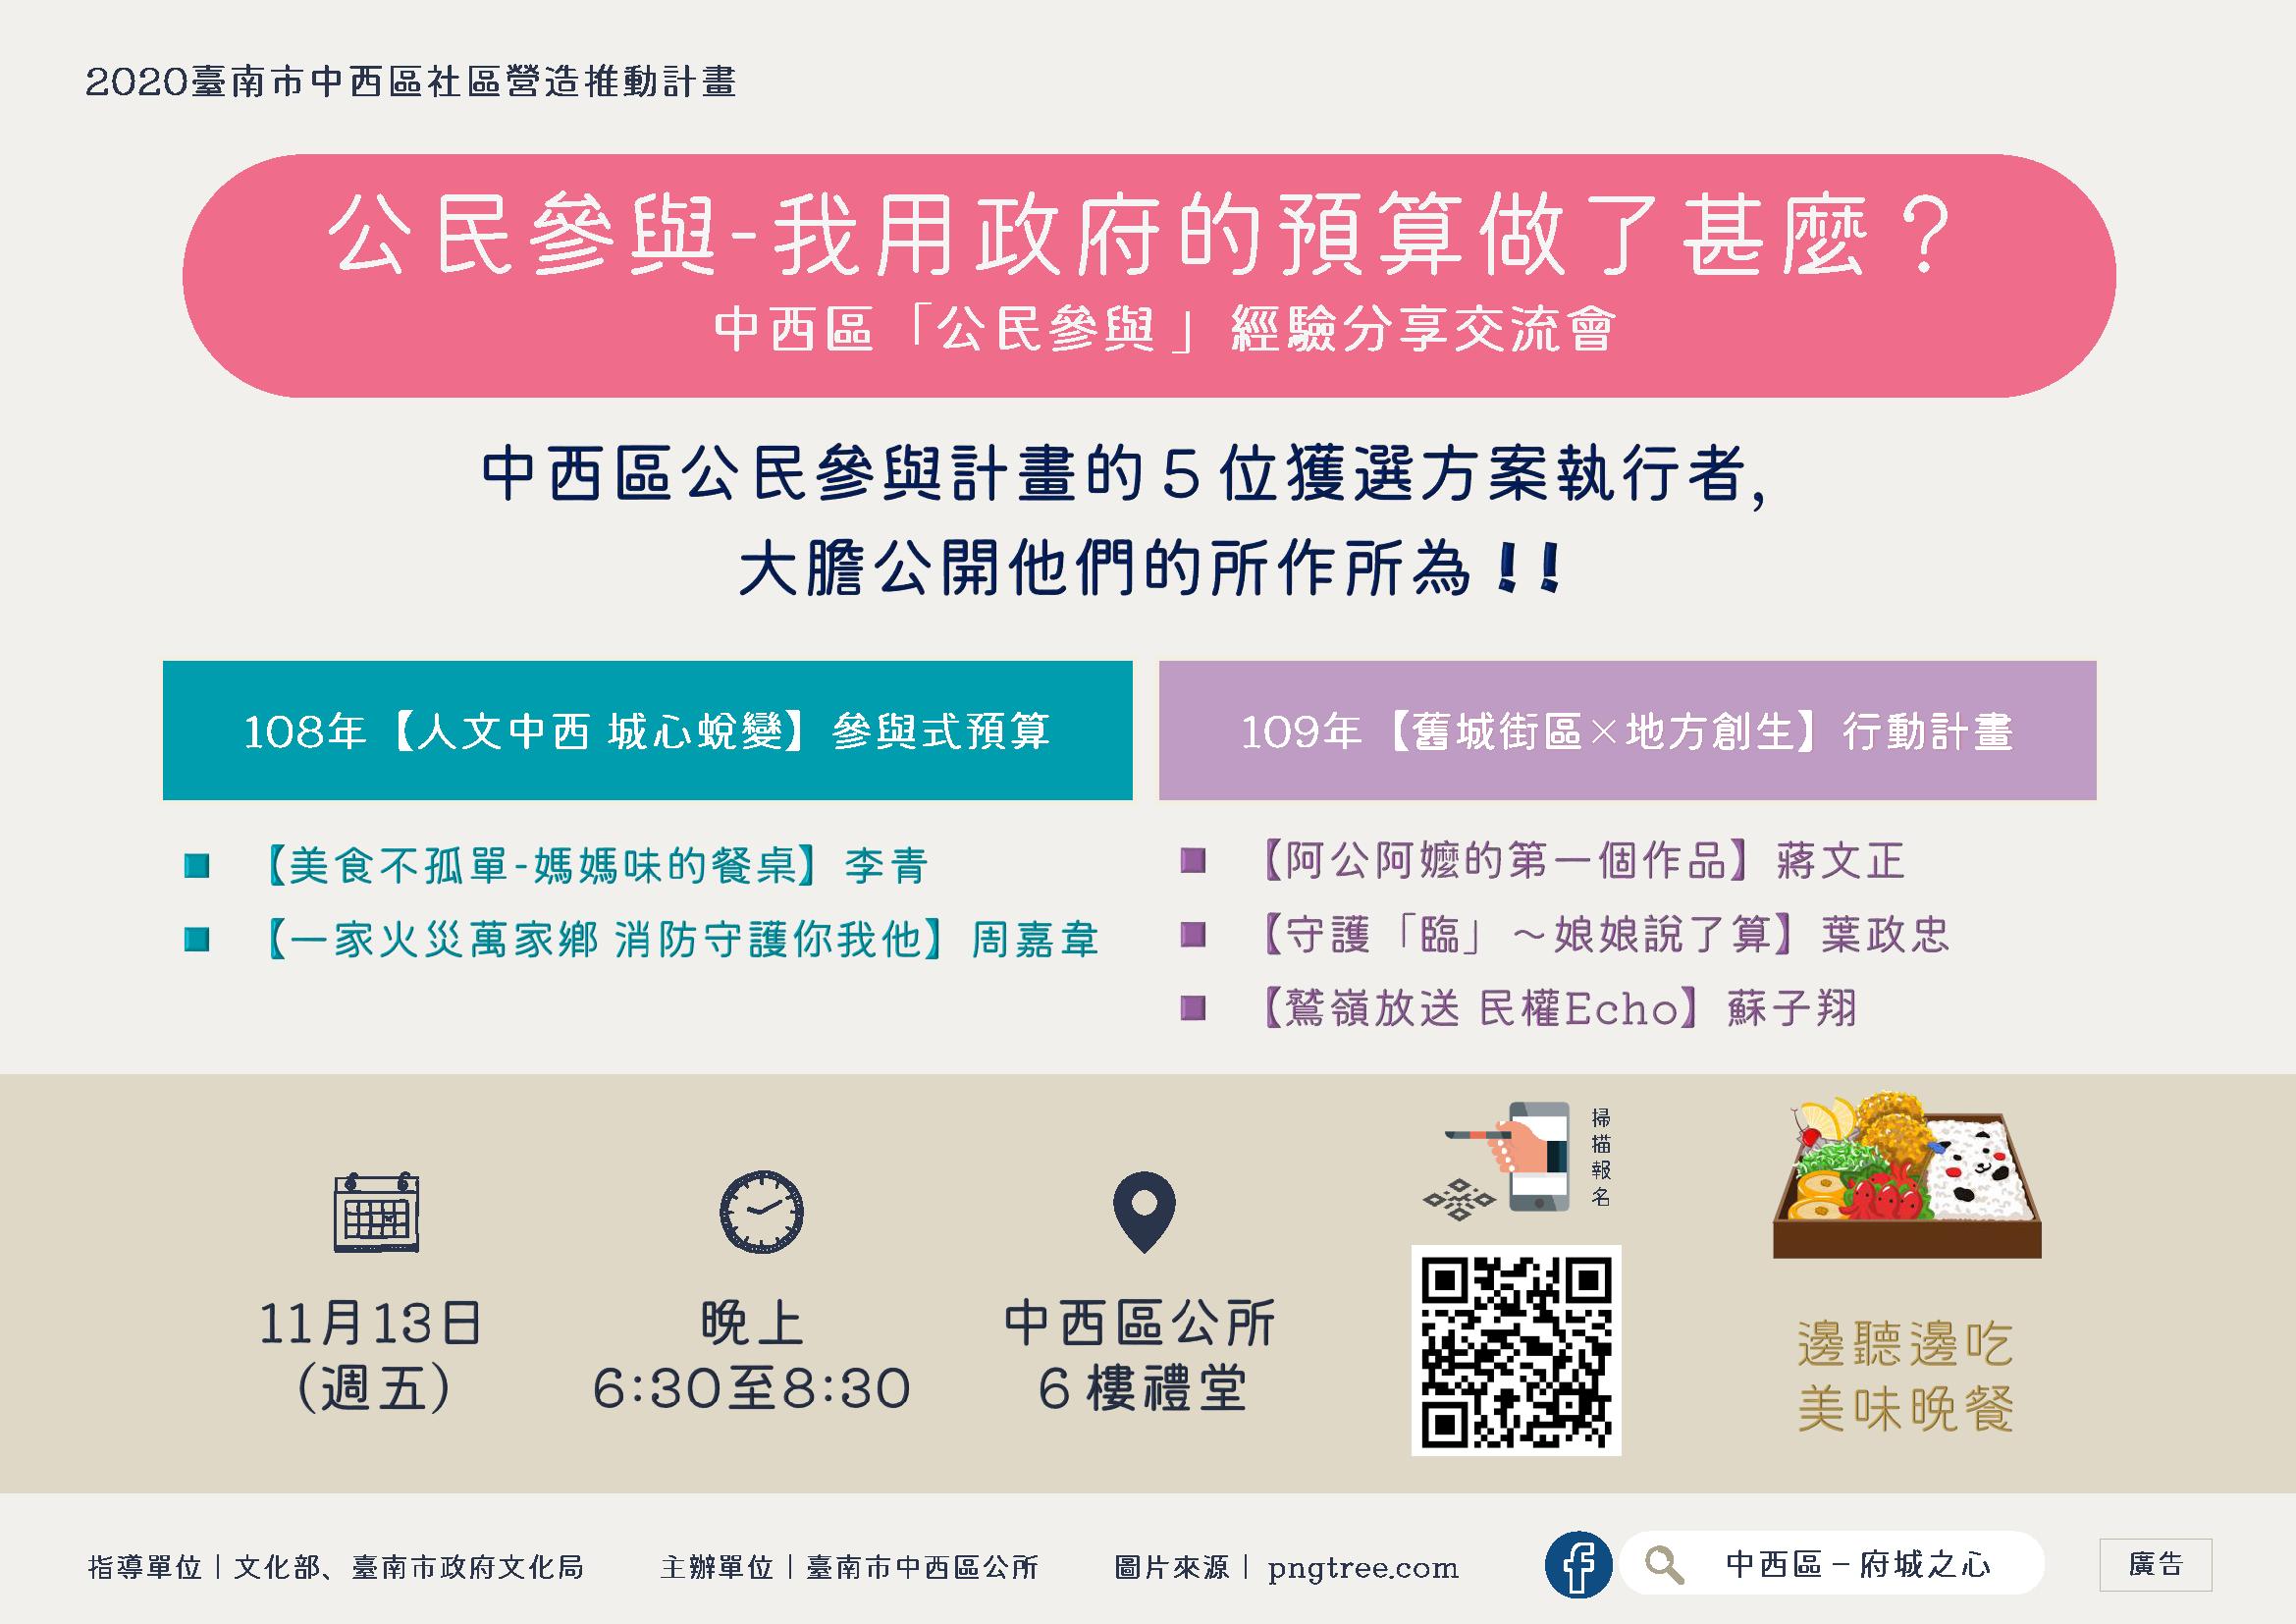 臺南市中西區公所辦理「公民參與-我用政府的預算做了甚麼?」公民參與經驗分享交流會